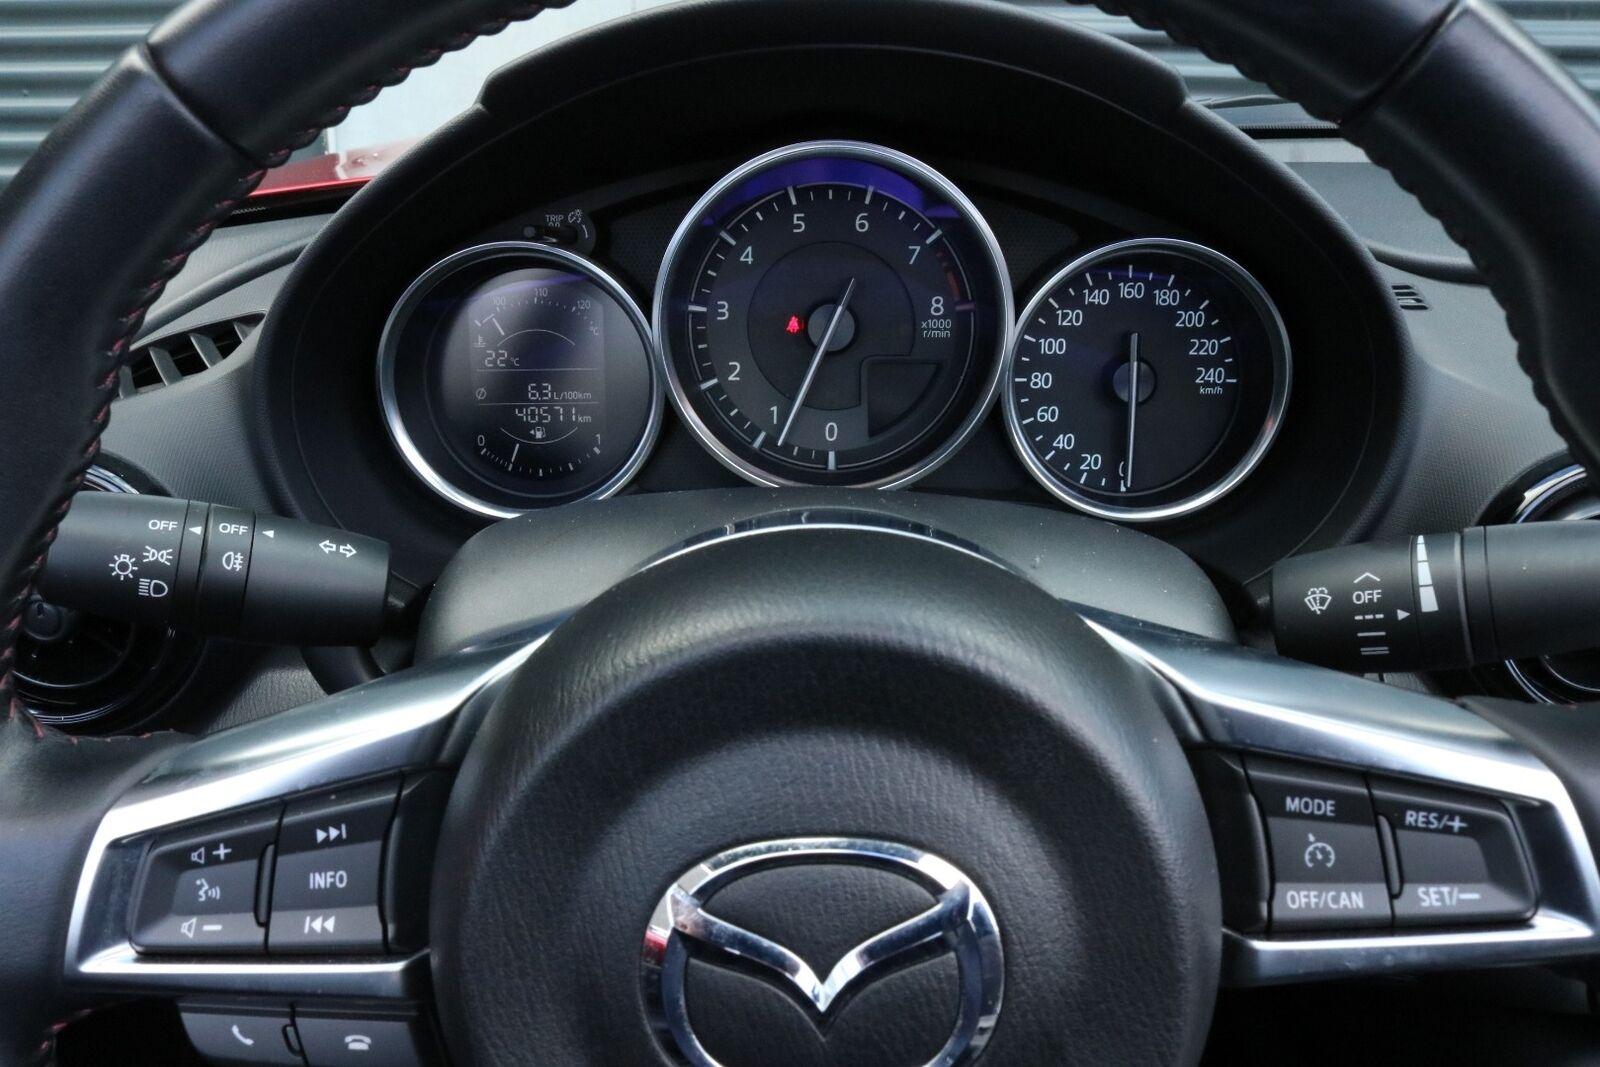 Mazda MX-5 Sky-G 131 Roadster